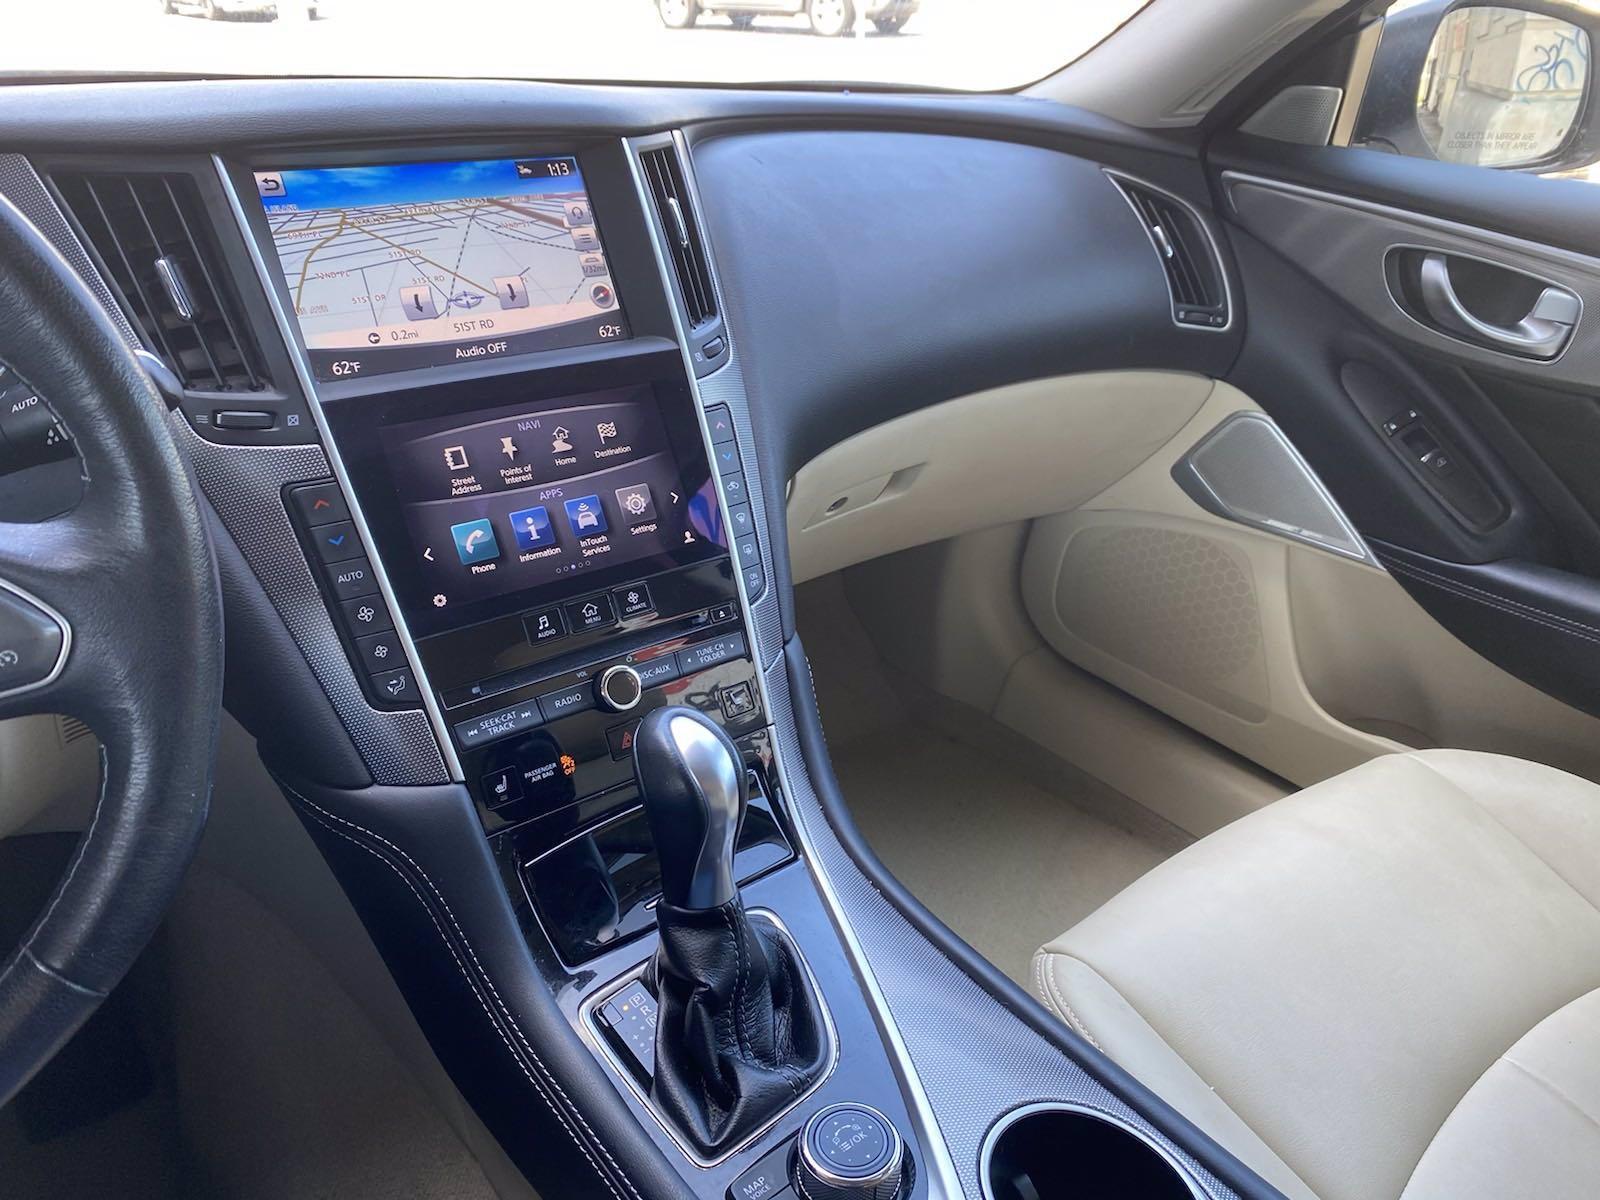 Used-2017-INFINITI-Q50-30t-Premium